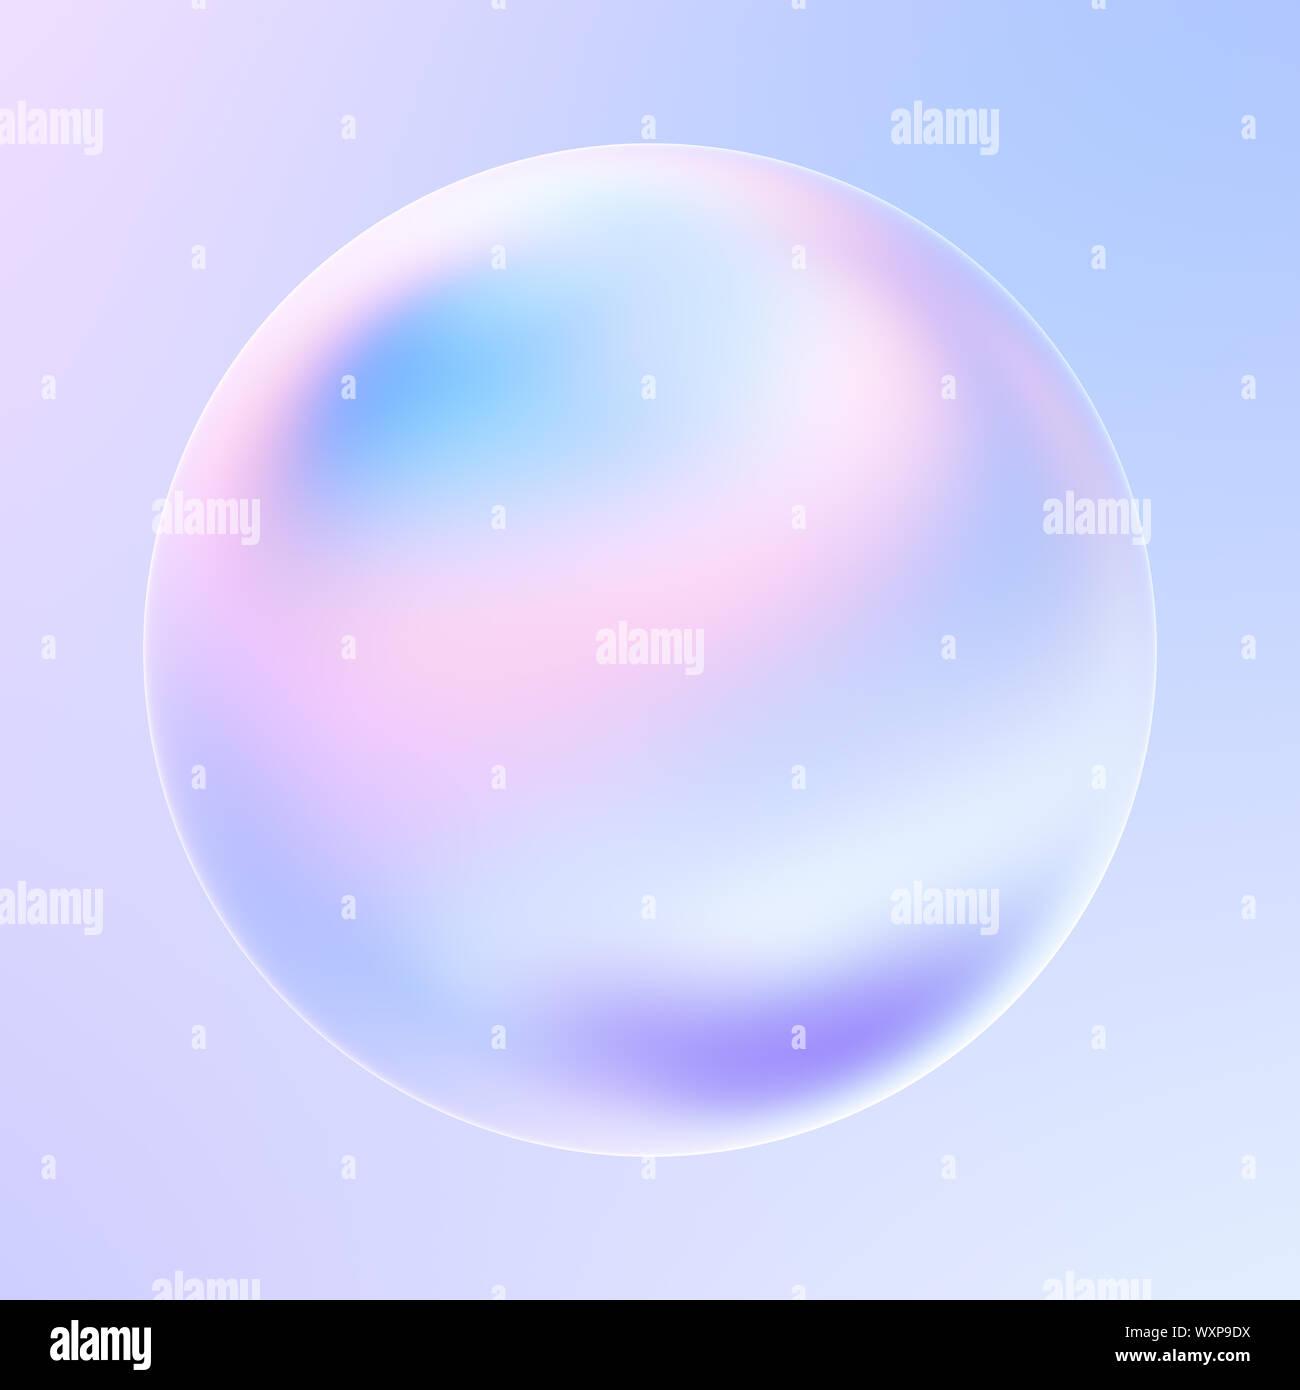 Moderno abstracto líquido holográfica forma 3d elemento de diseño. Cromo brillante metálico forma de pancartas y carteles. 3D rendering. Foto de stock